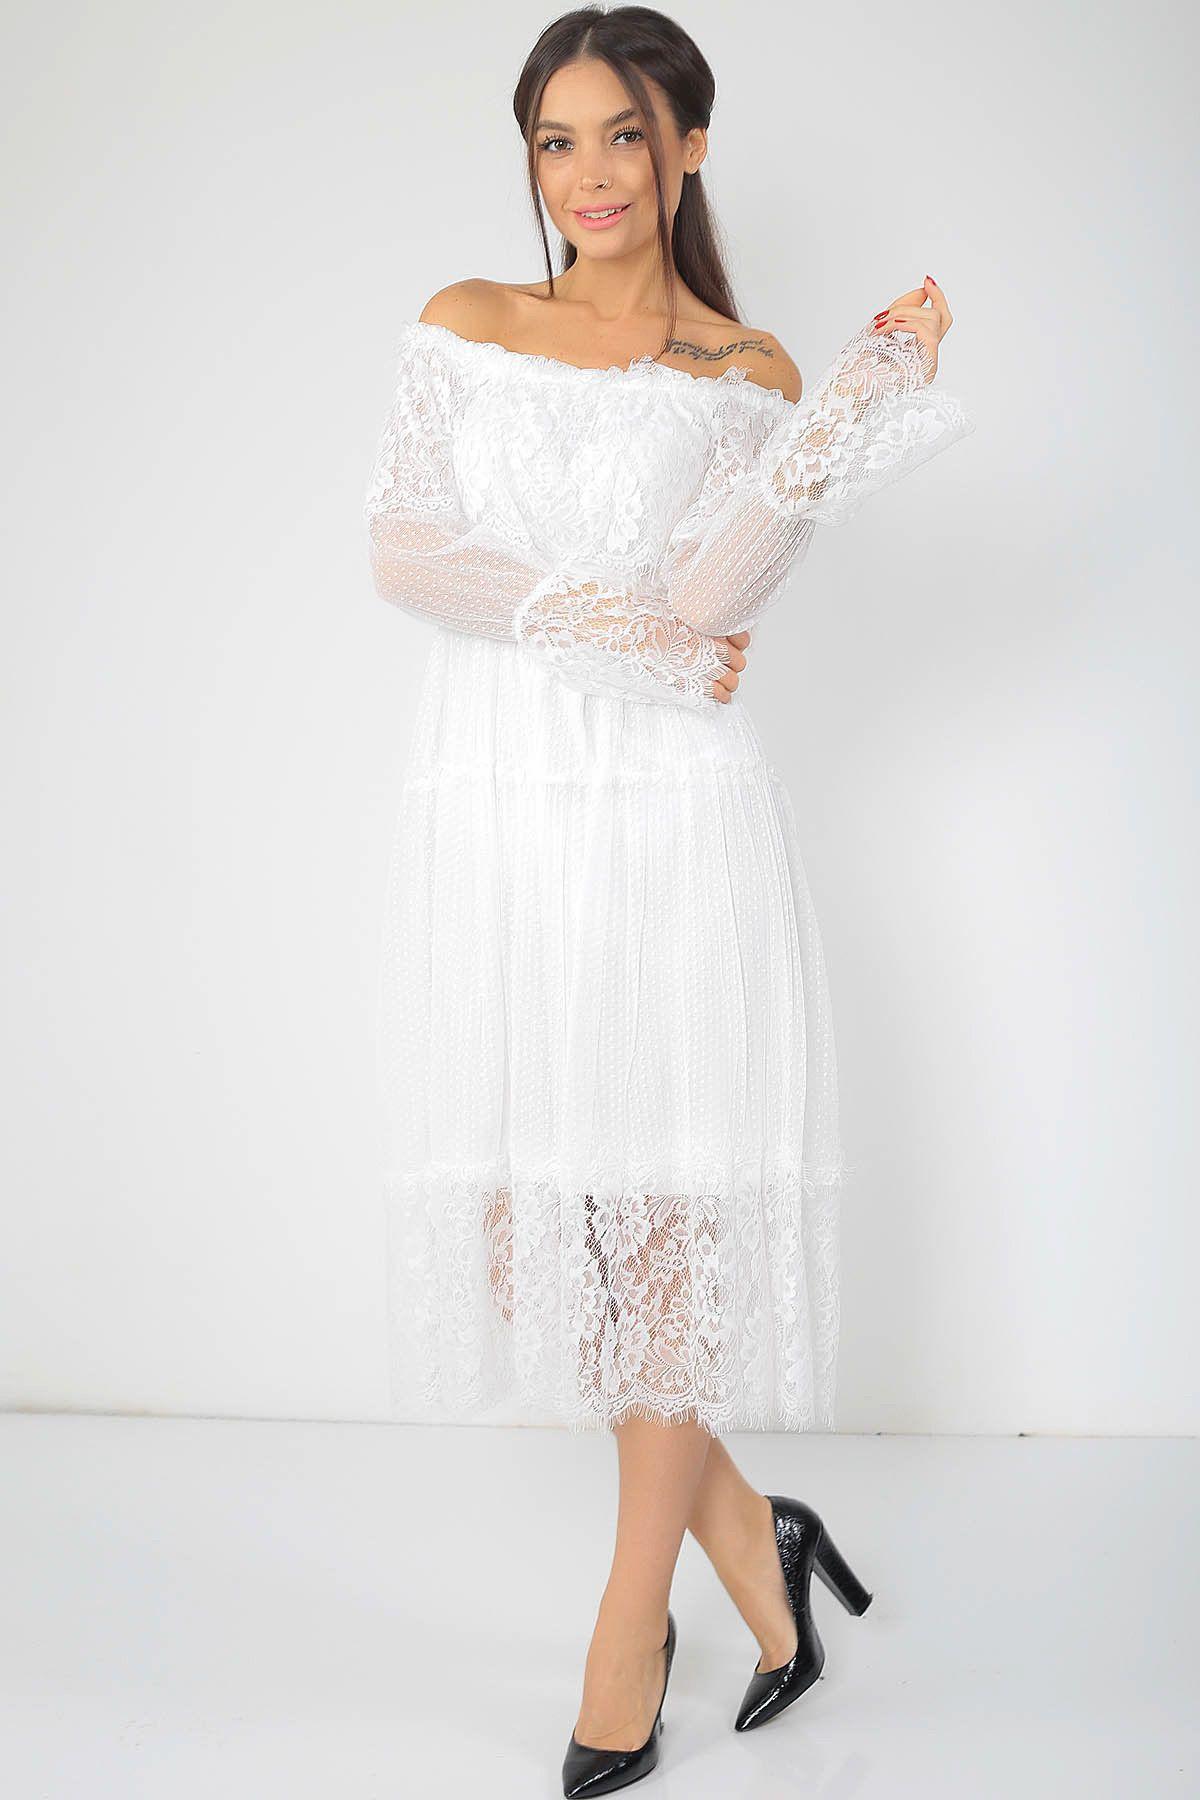 Kadin Beyaz Madonna Yaka Dantel Elbise S 18k2090009 Size Ozel Saygi Trendyol Dantel Elbise Elbise Kadin